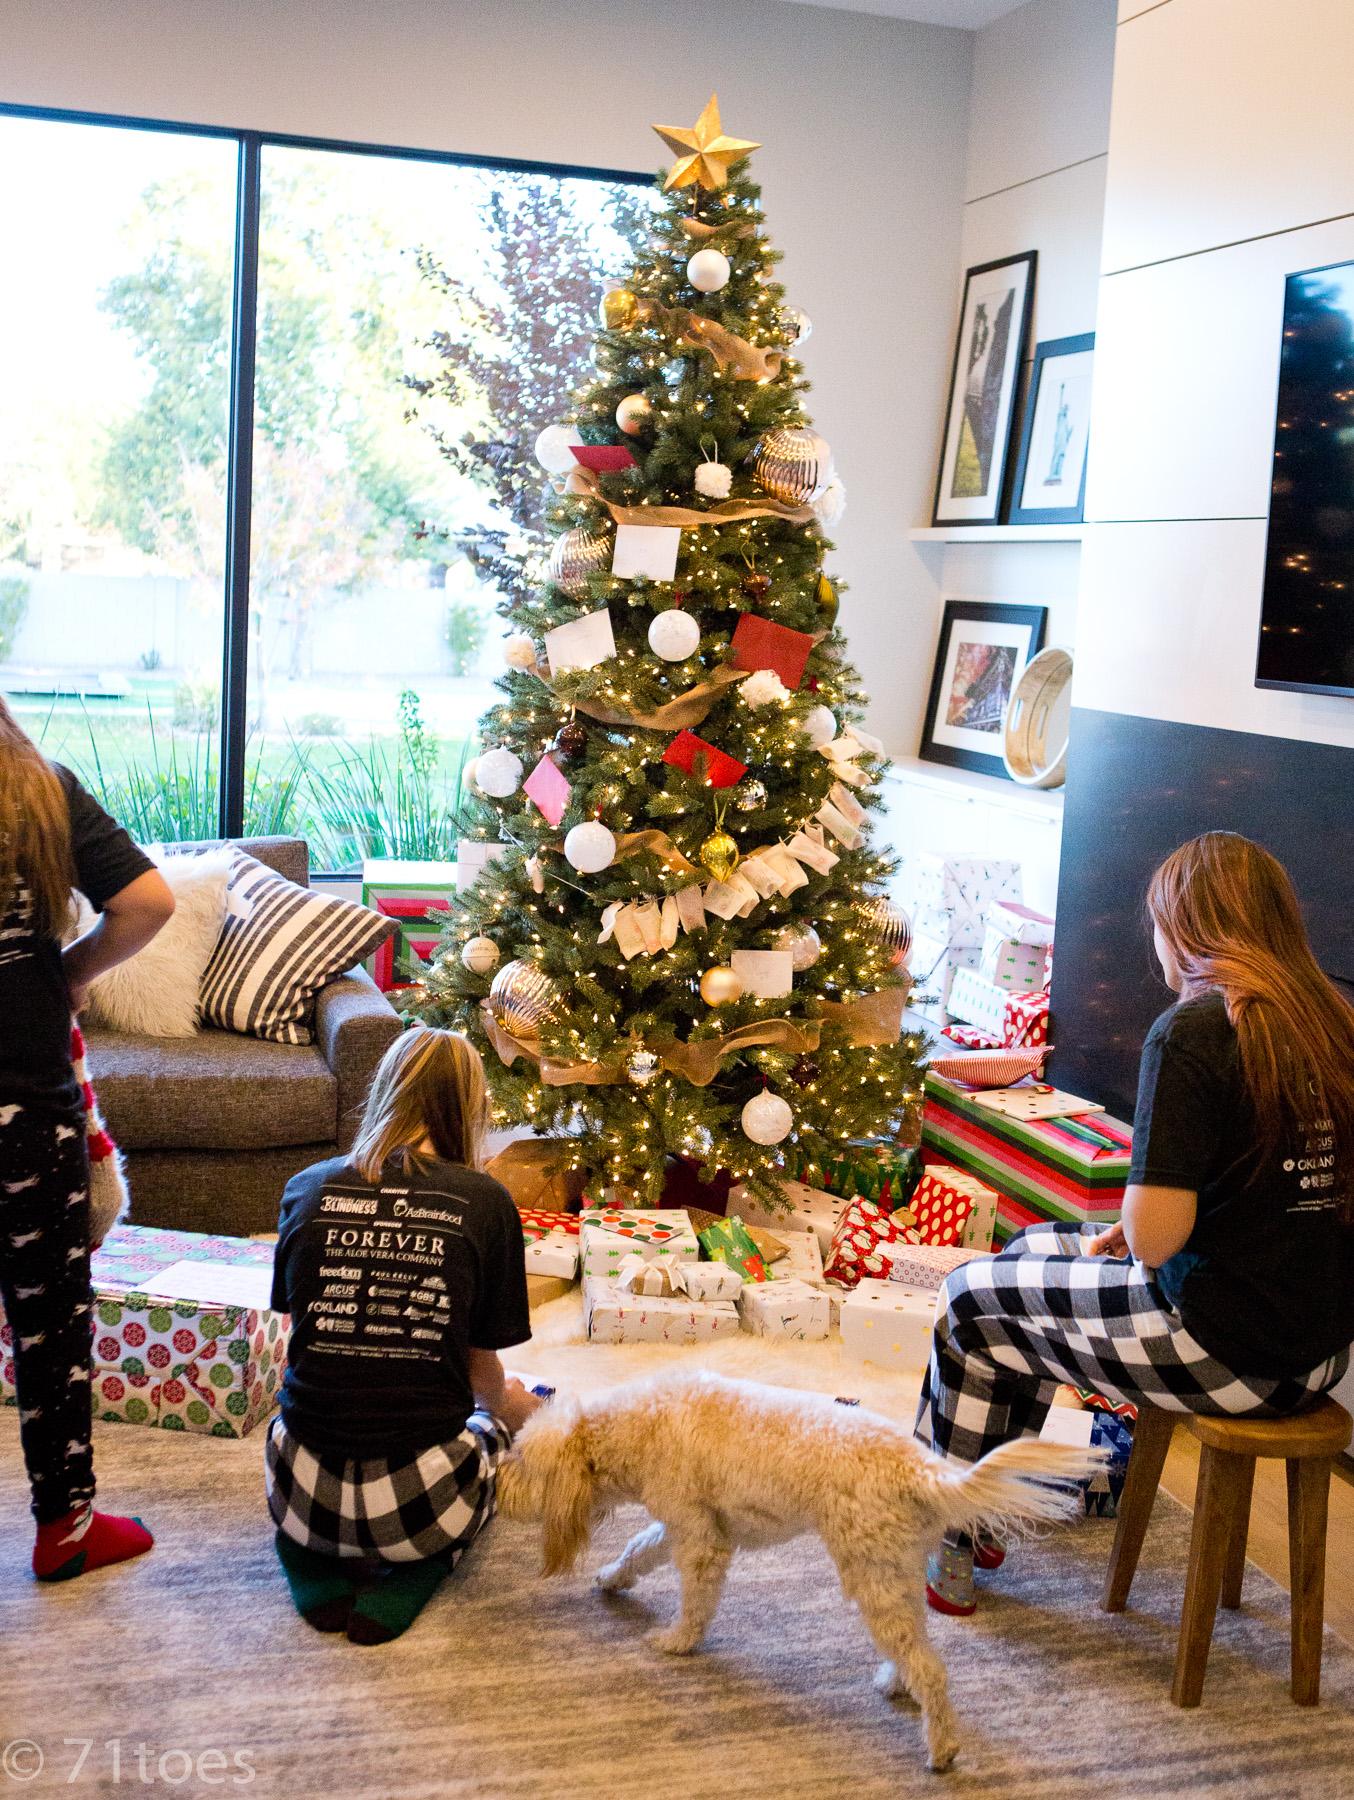 2018 12 25 Christmas 211324